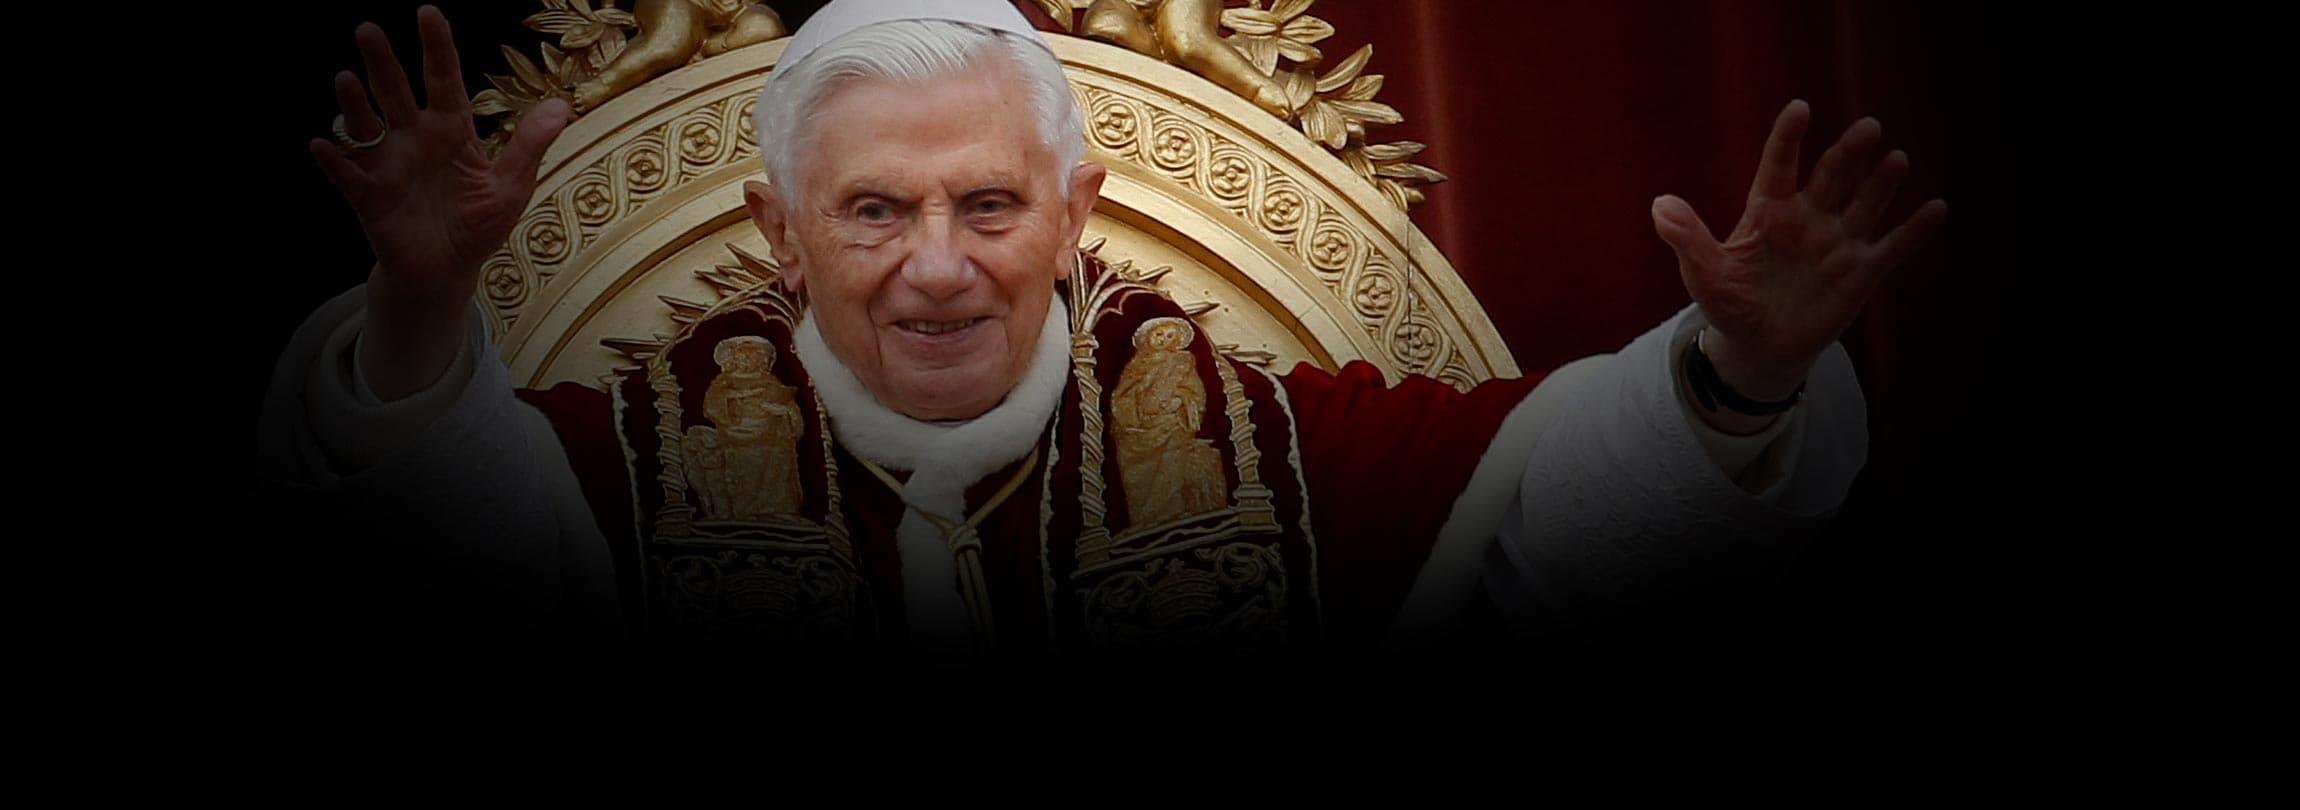 Bento XVI, o humilde servo da vinha do Senhor